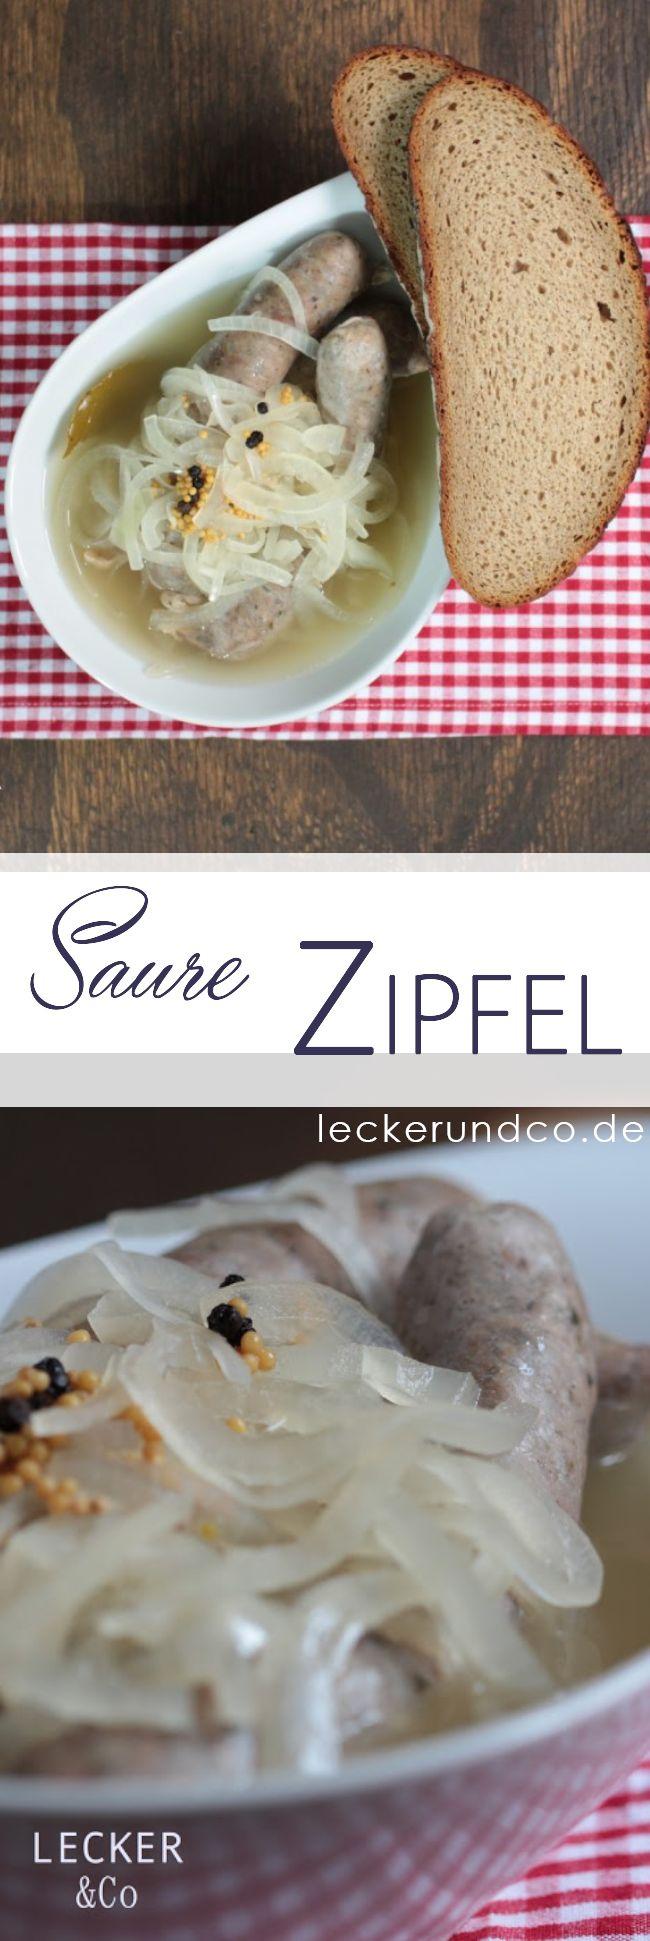 Saure Zipfel | Bratwurst in Essigsud mit Zwiebeln